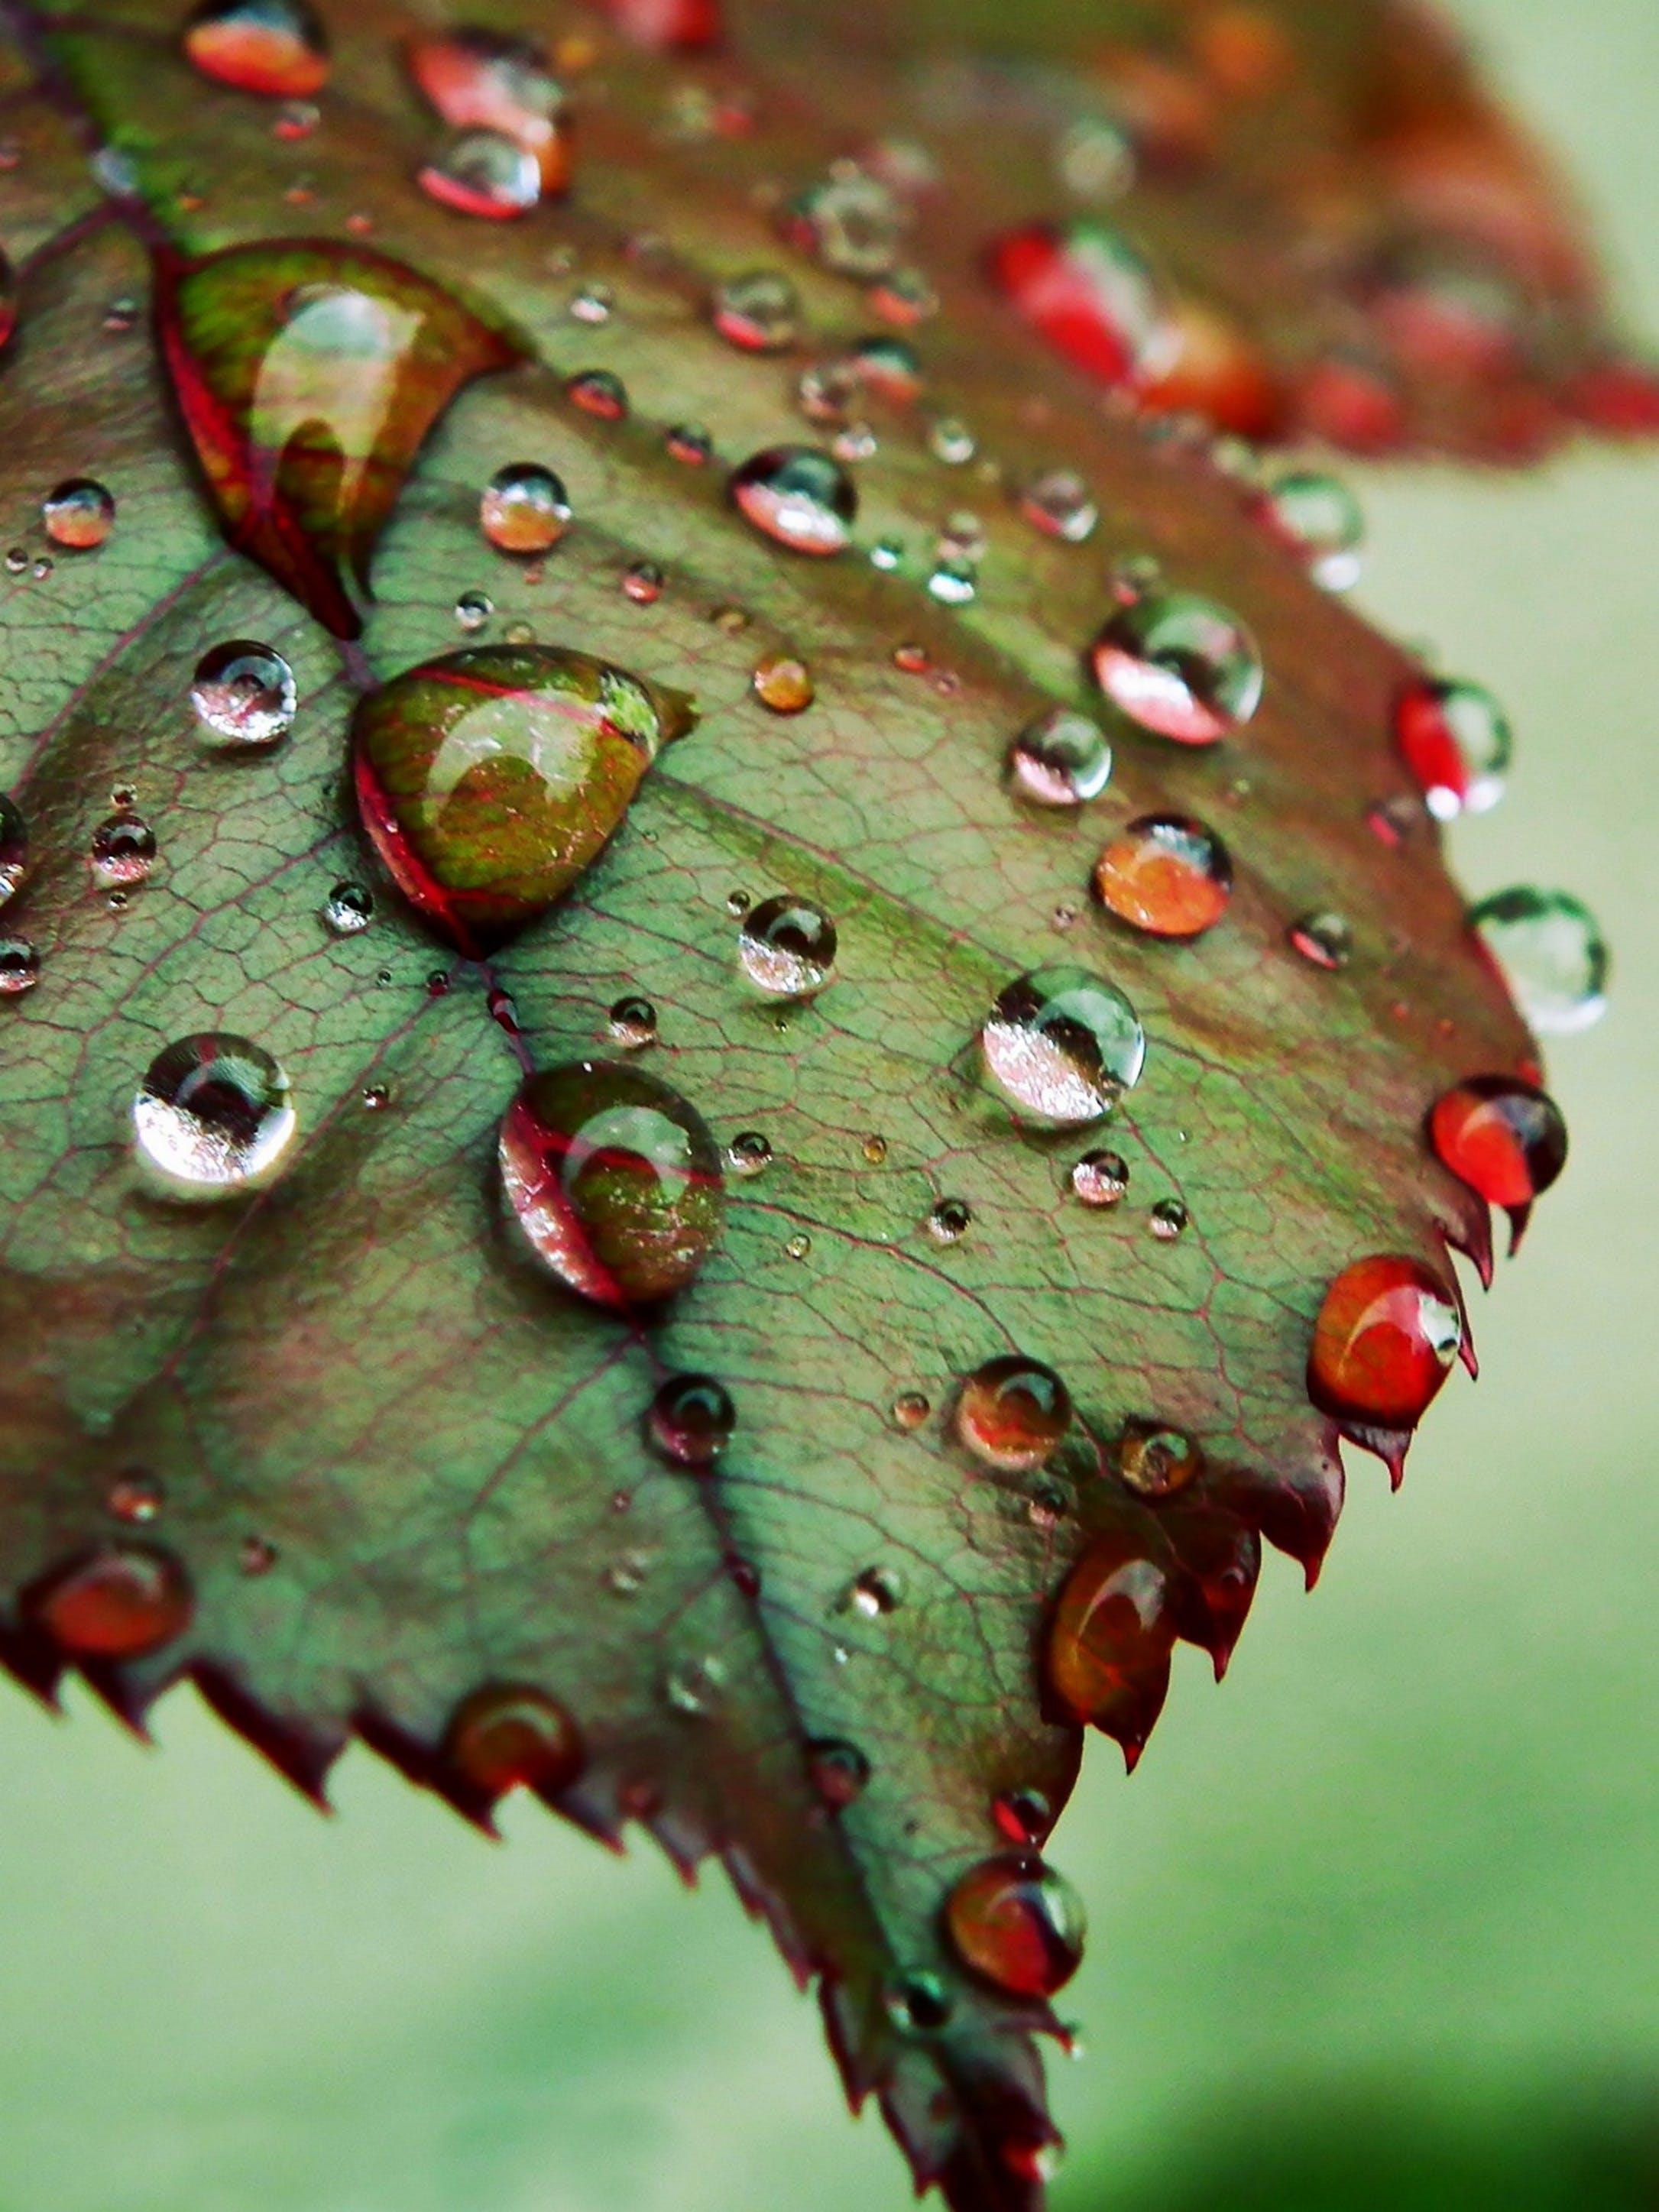 Free stock photo of nature, water, winter, rain